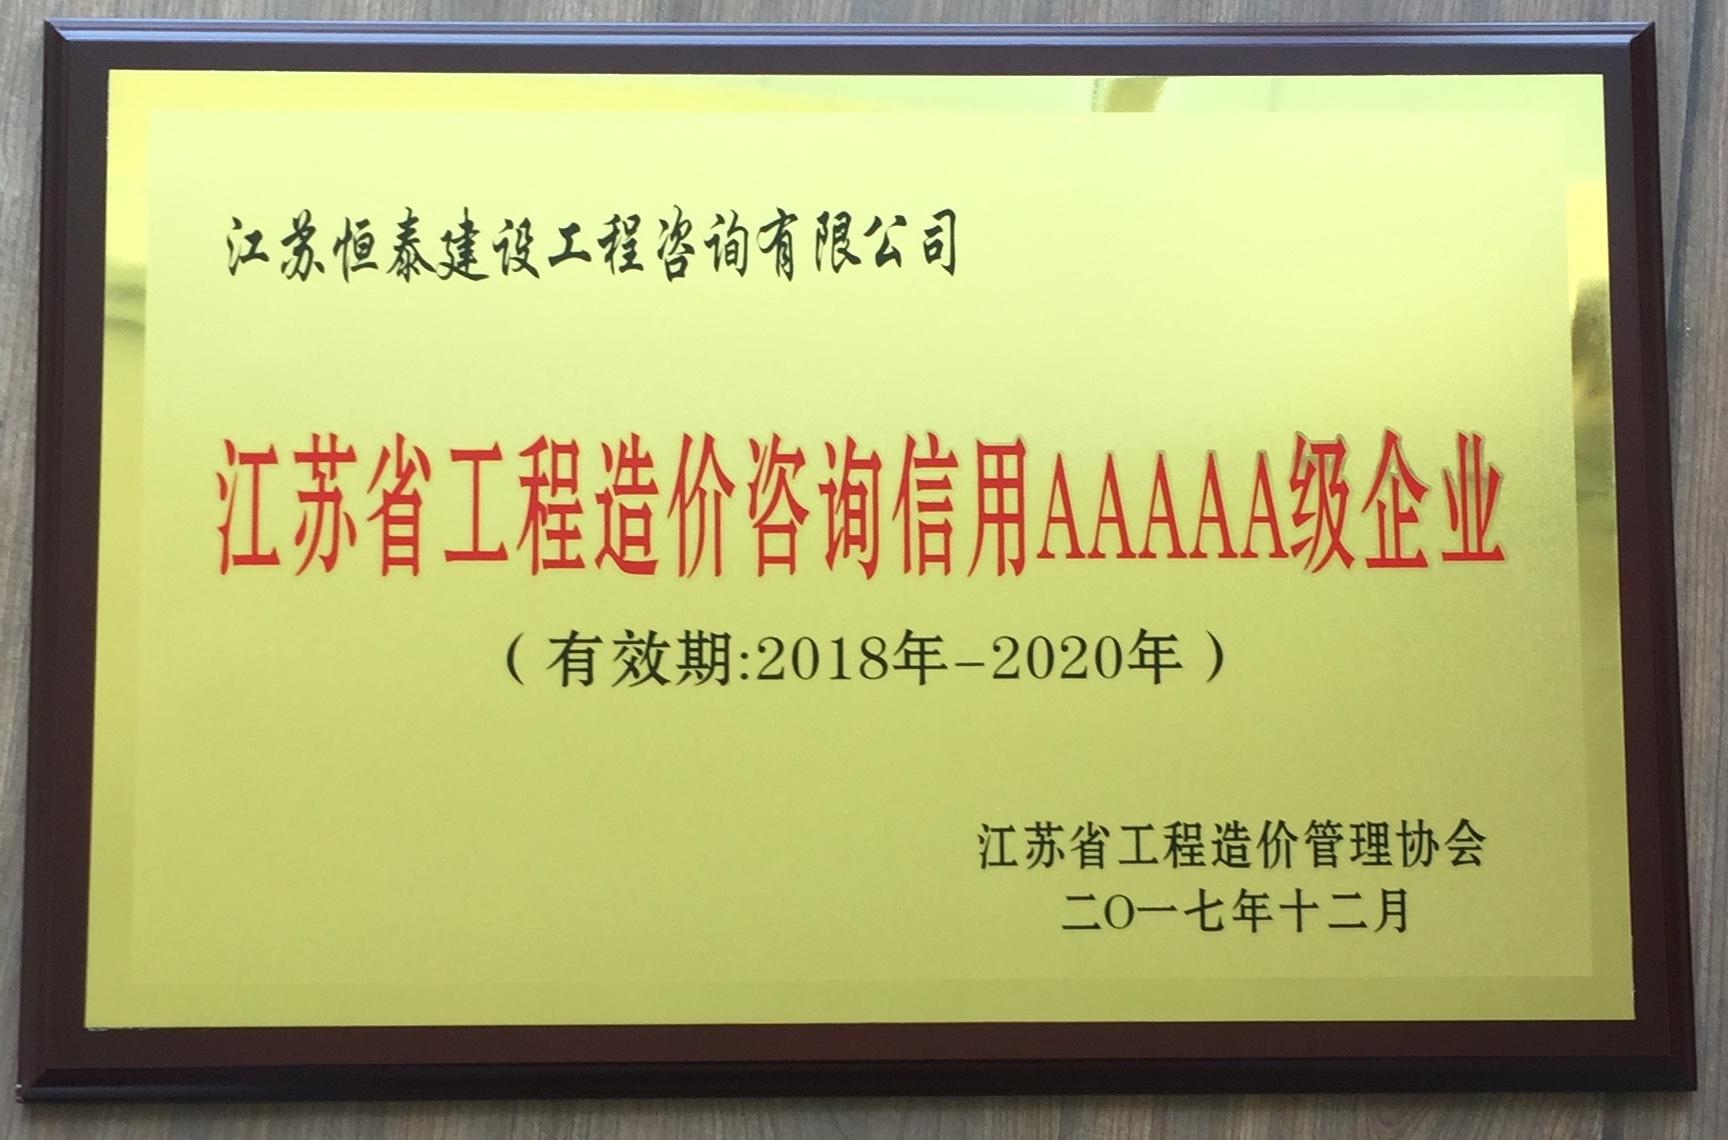 江苏省万博manbext官网咨询信用AAAAA级企业—manbetx官网客户端下载建设